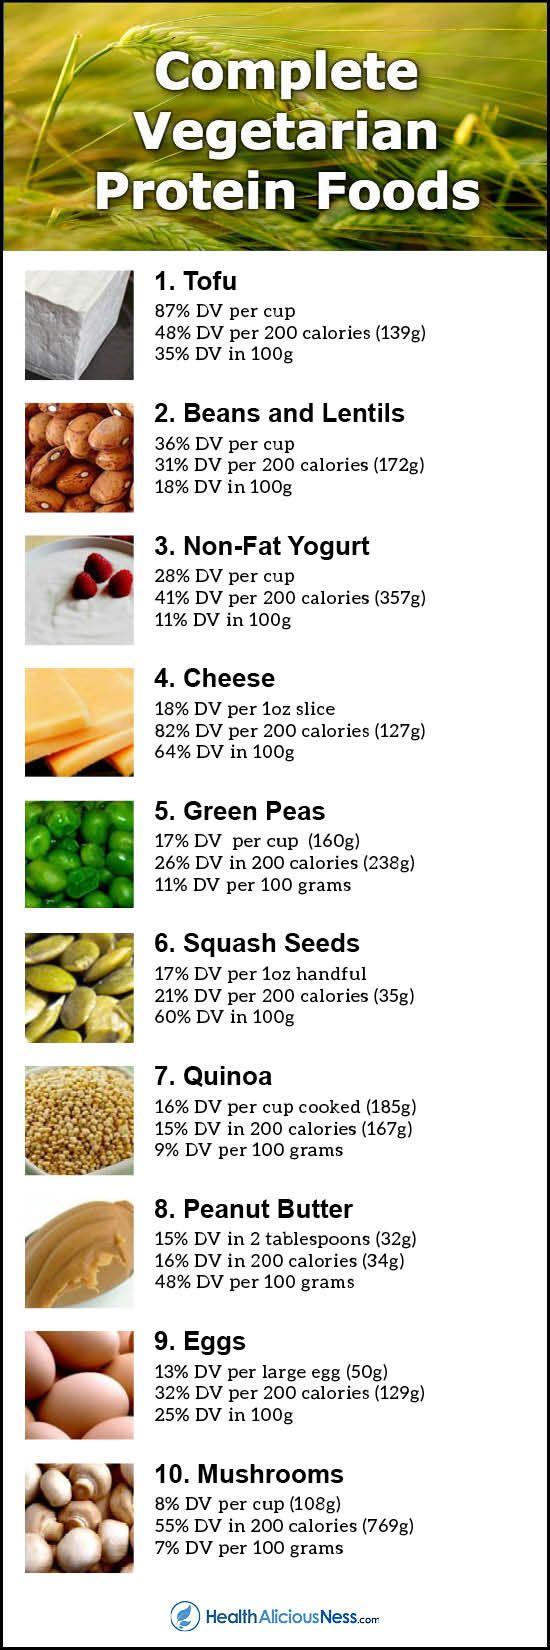 ca609187ef62a8a1af2e0f50dbe66ee4 - How To Get All Your Amino Acids As A Vegan